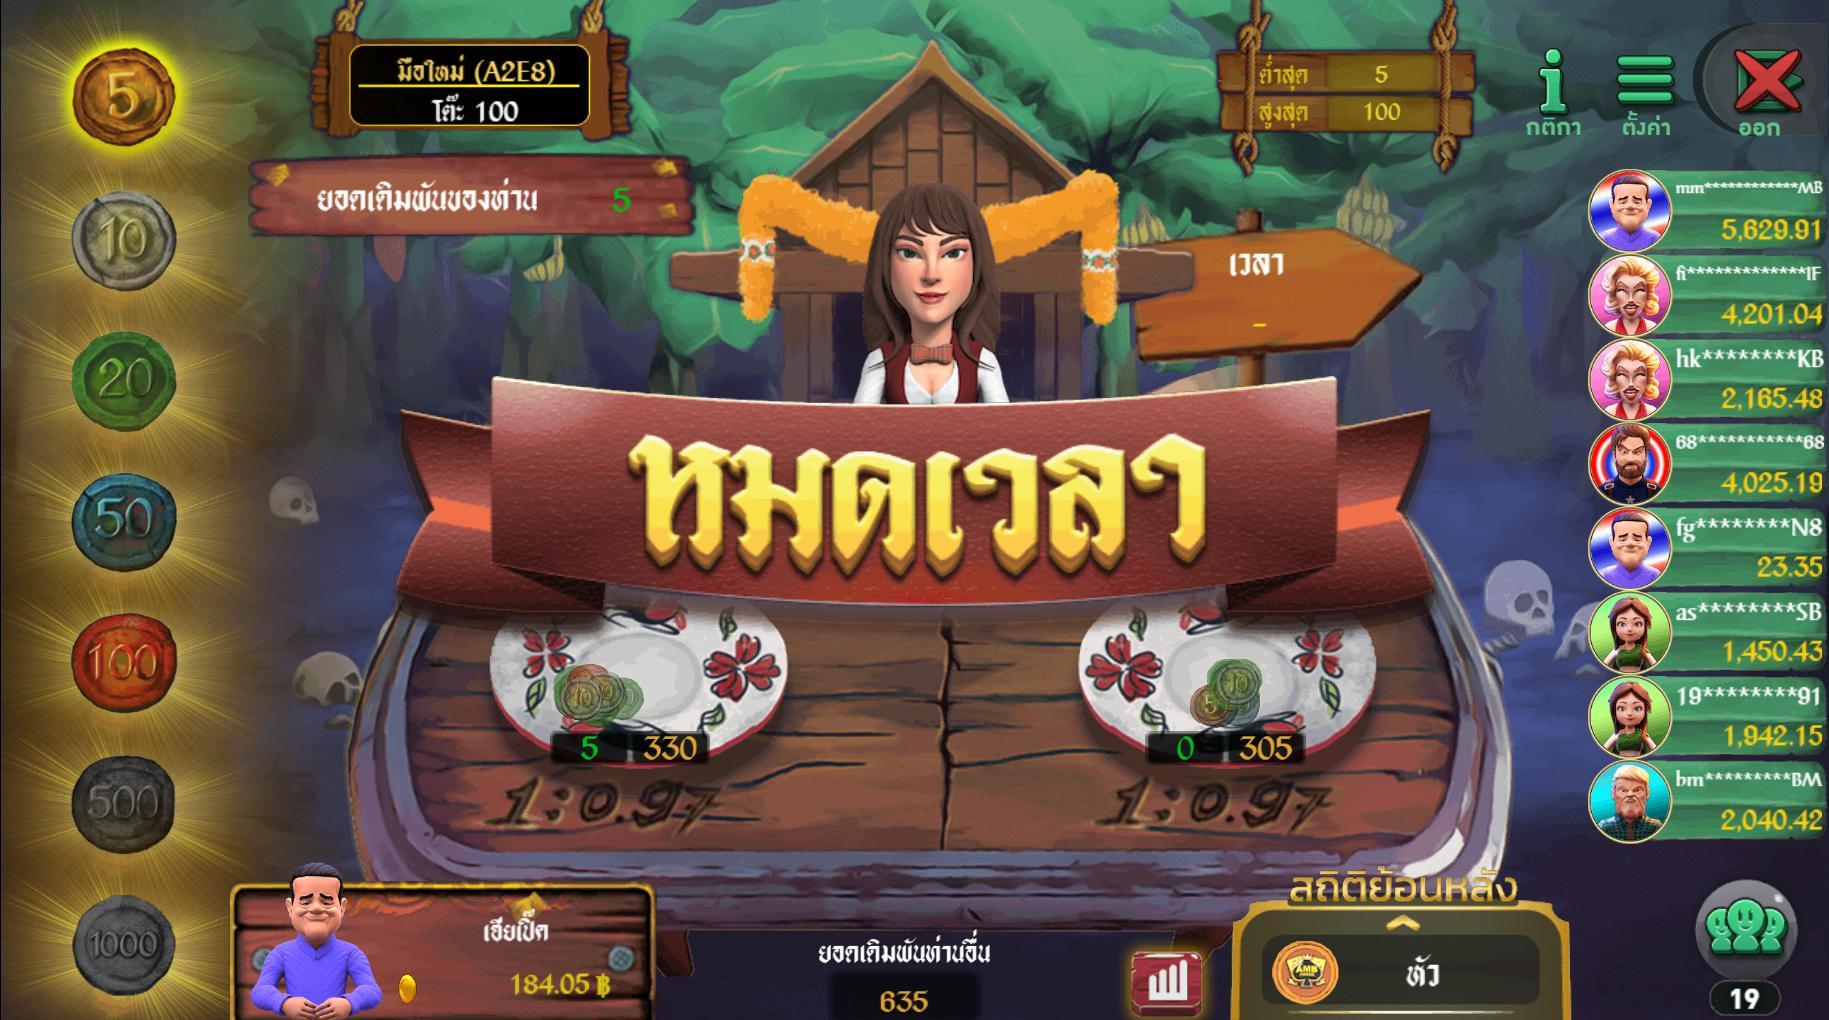 play gameheadortail7